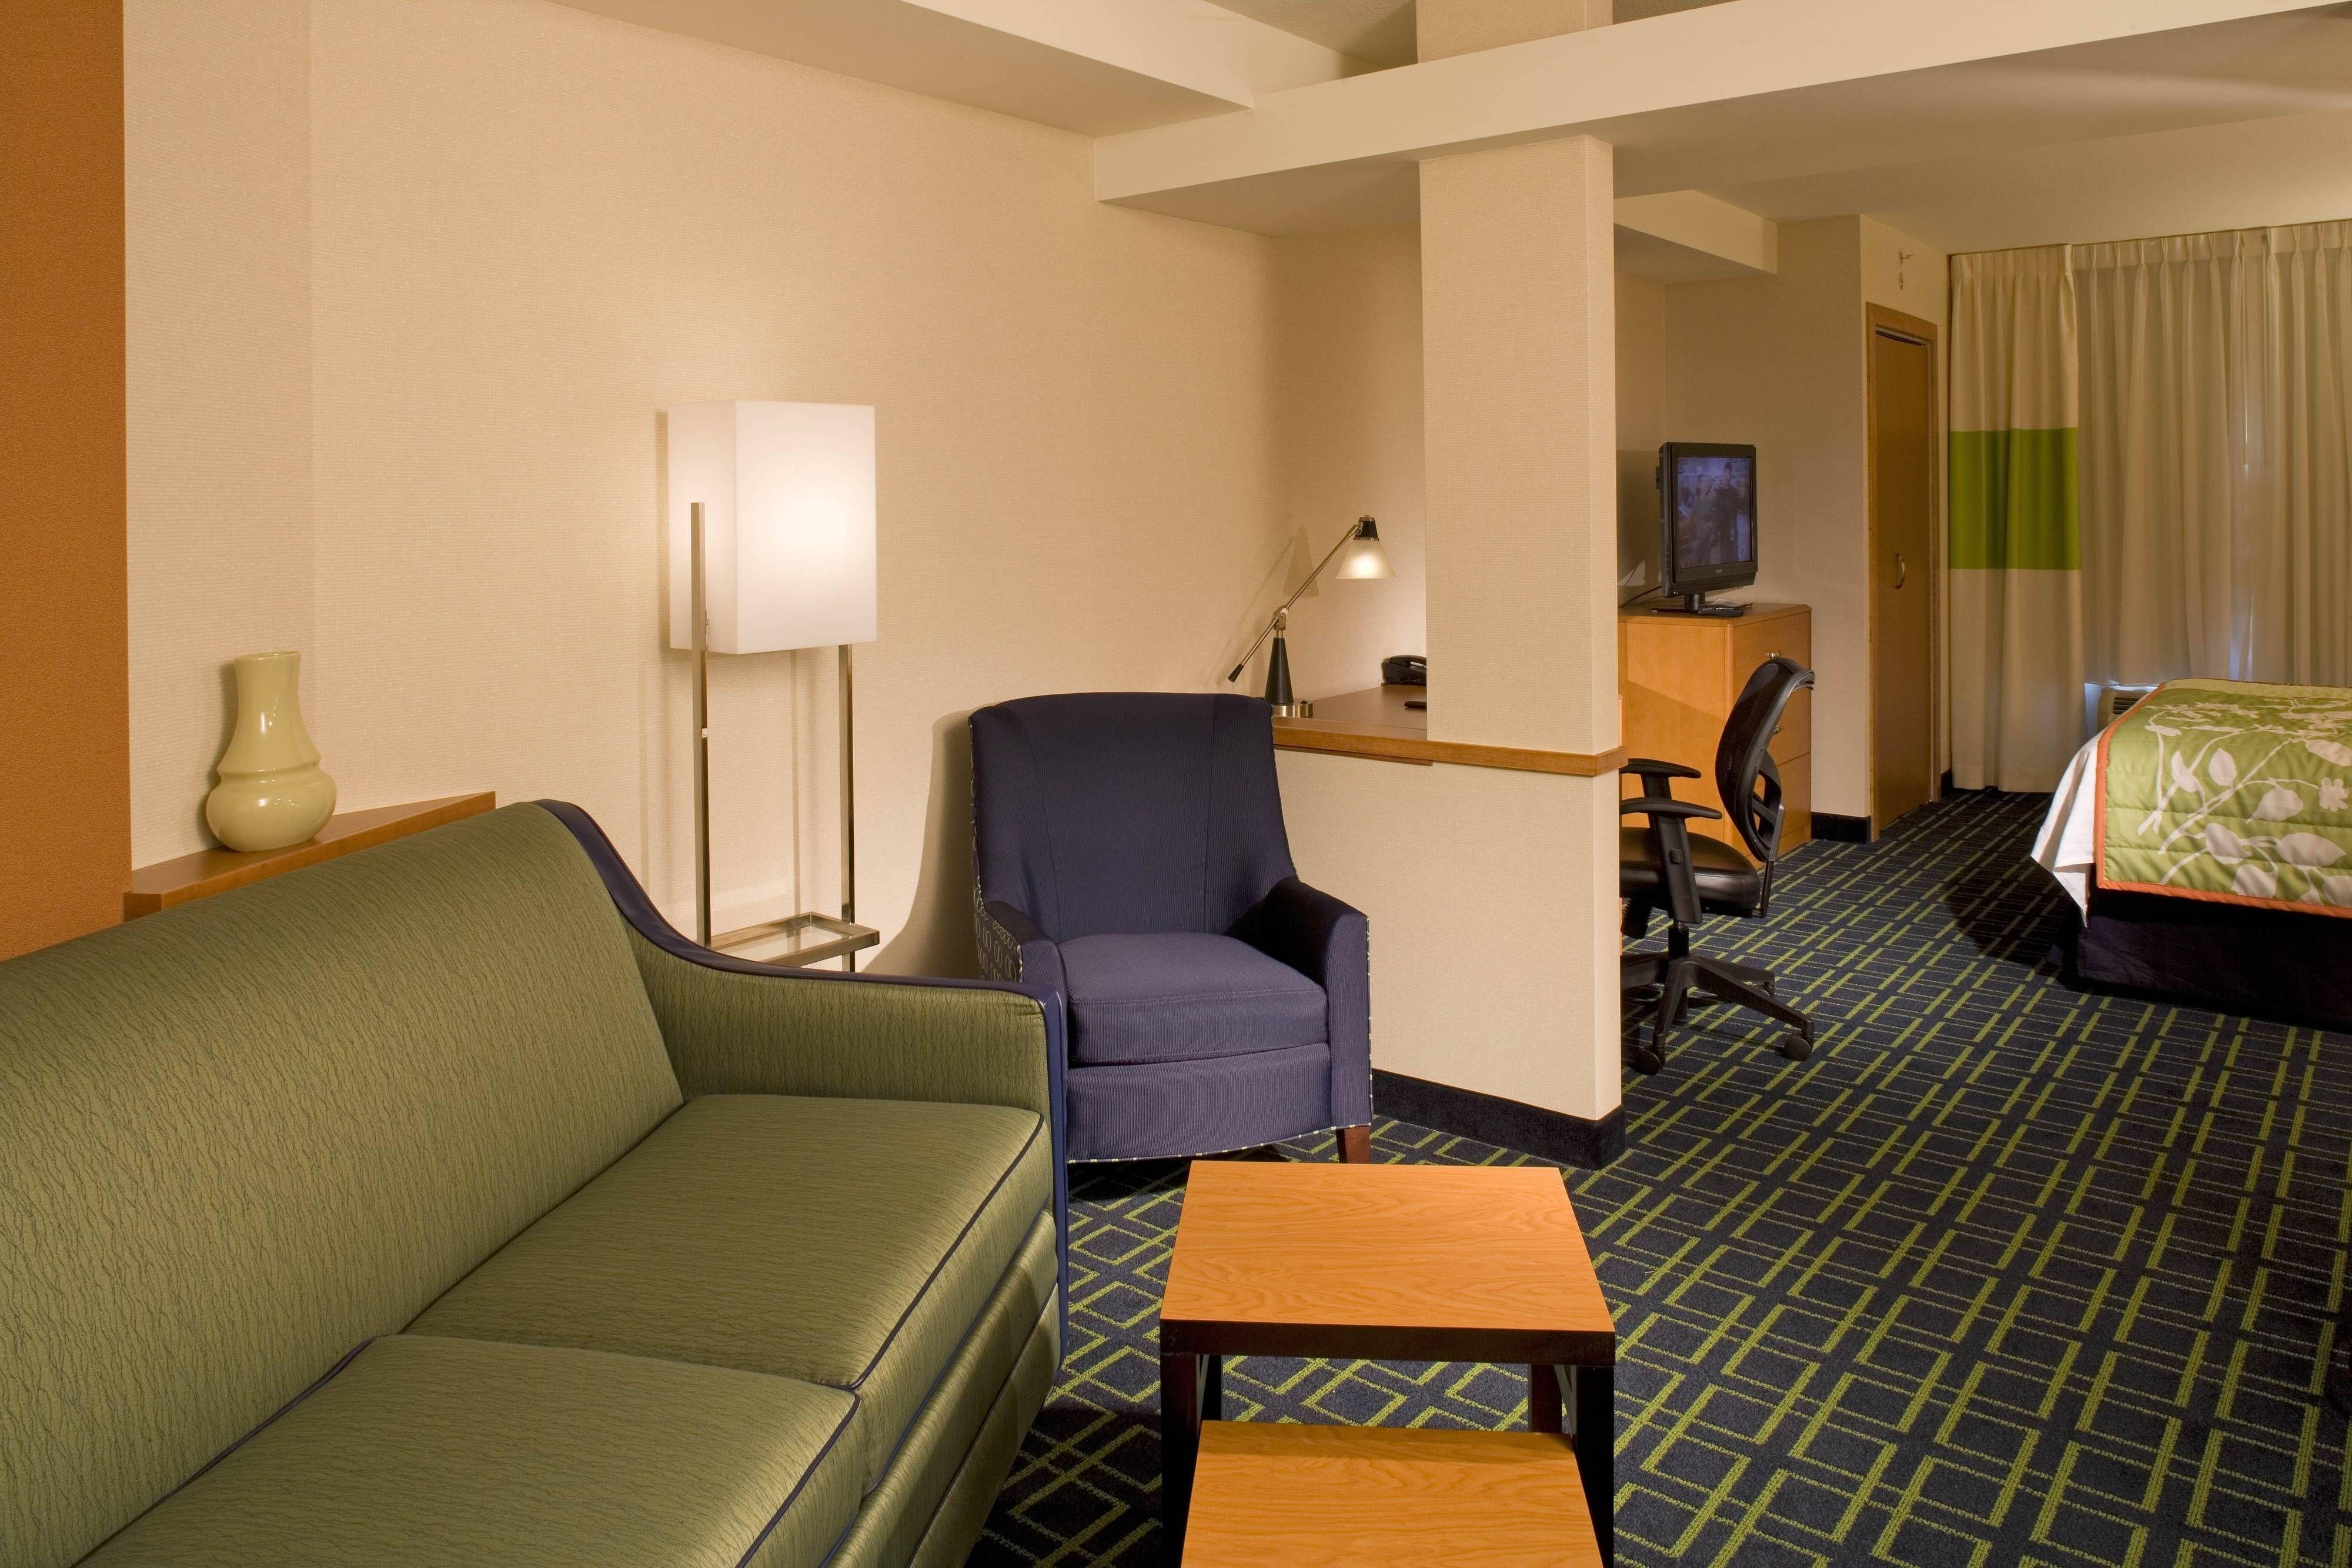 Fairfield Inn Fairfield Inn Inn Suites